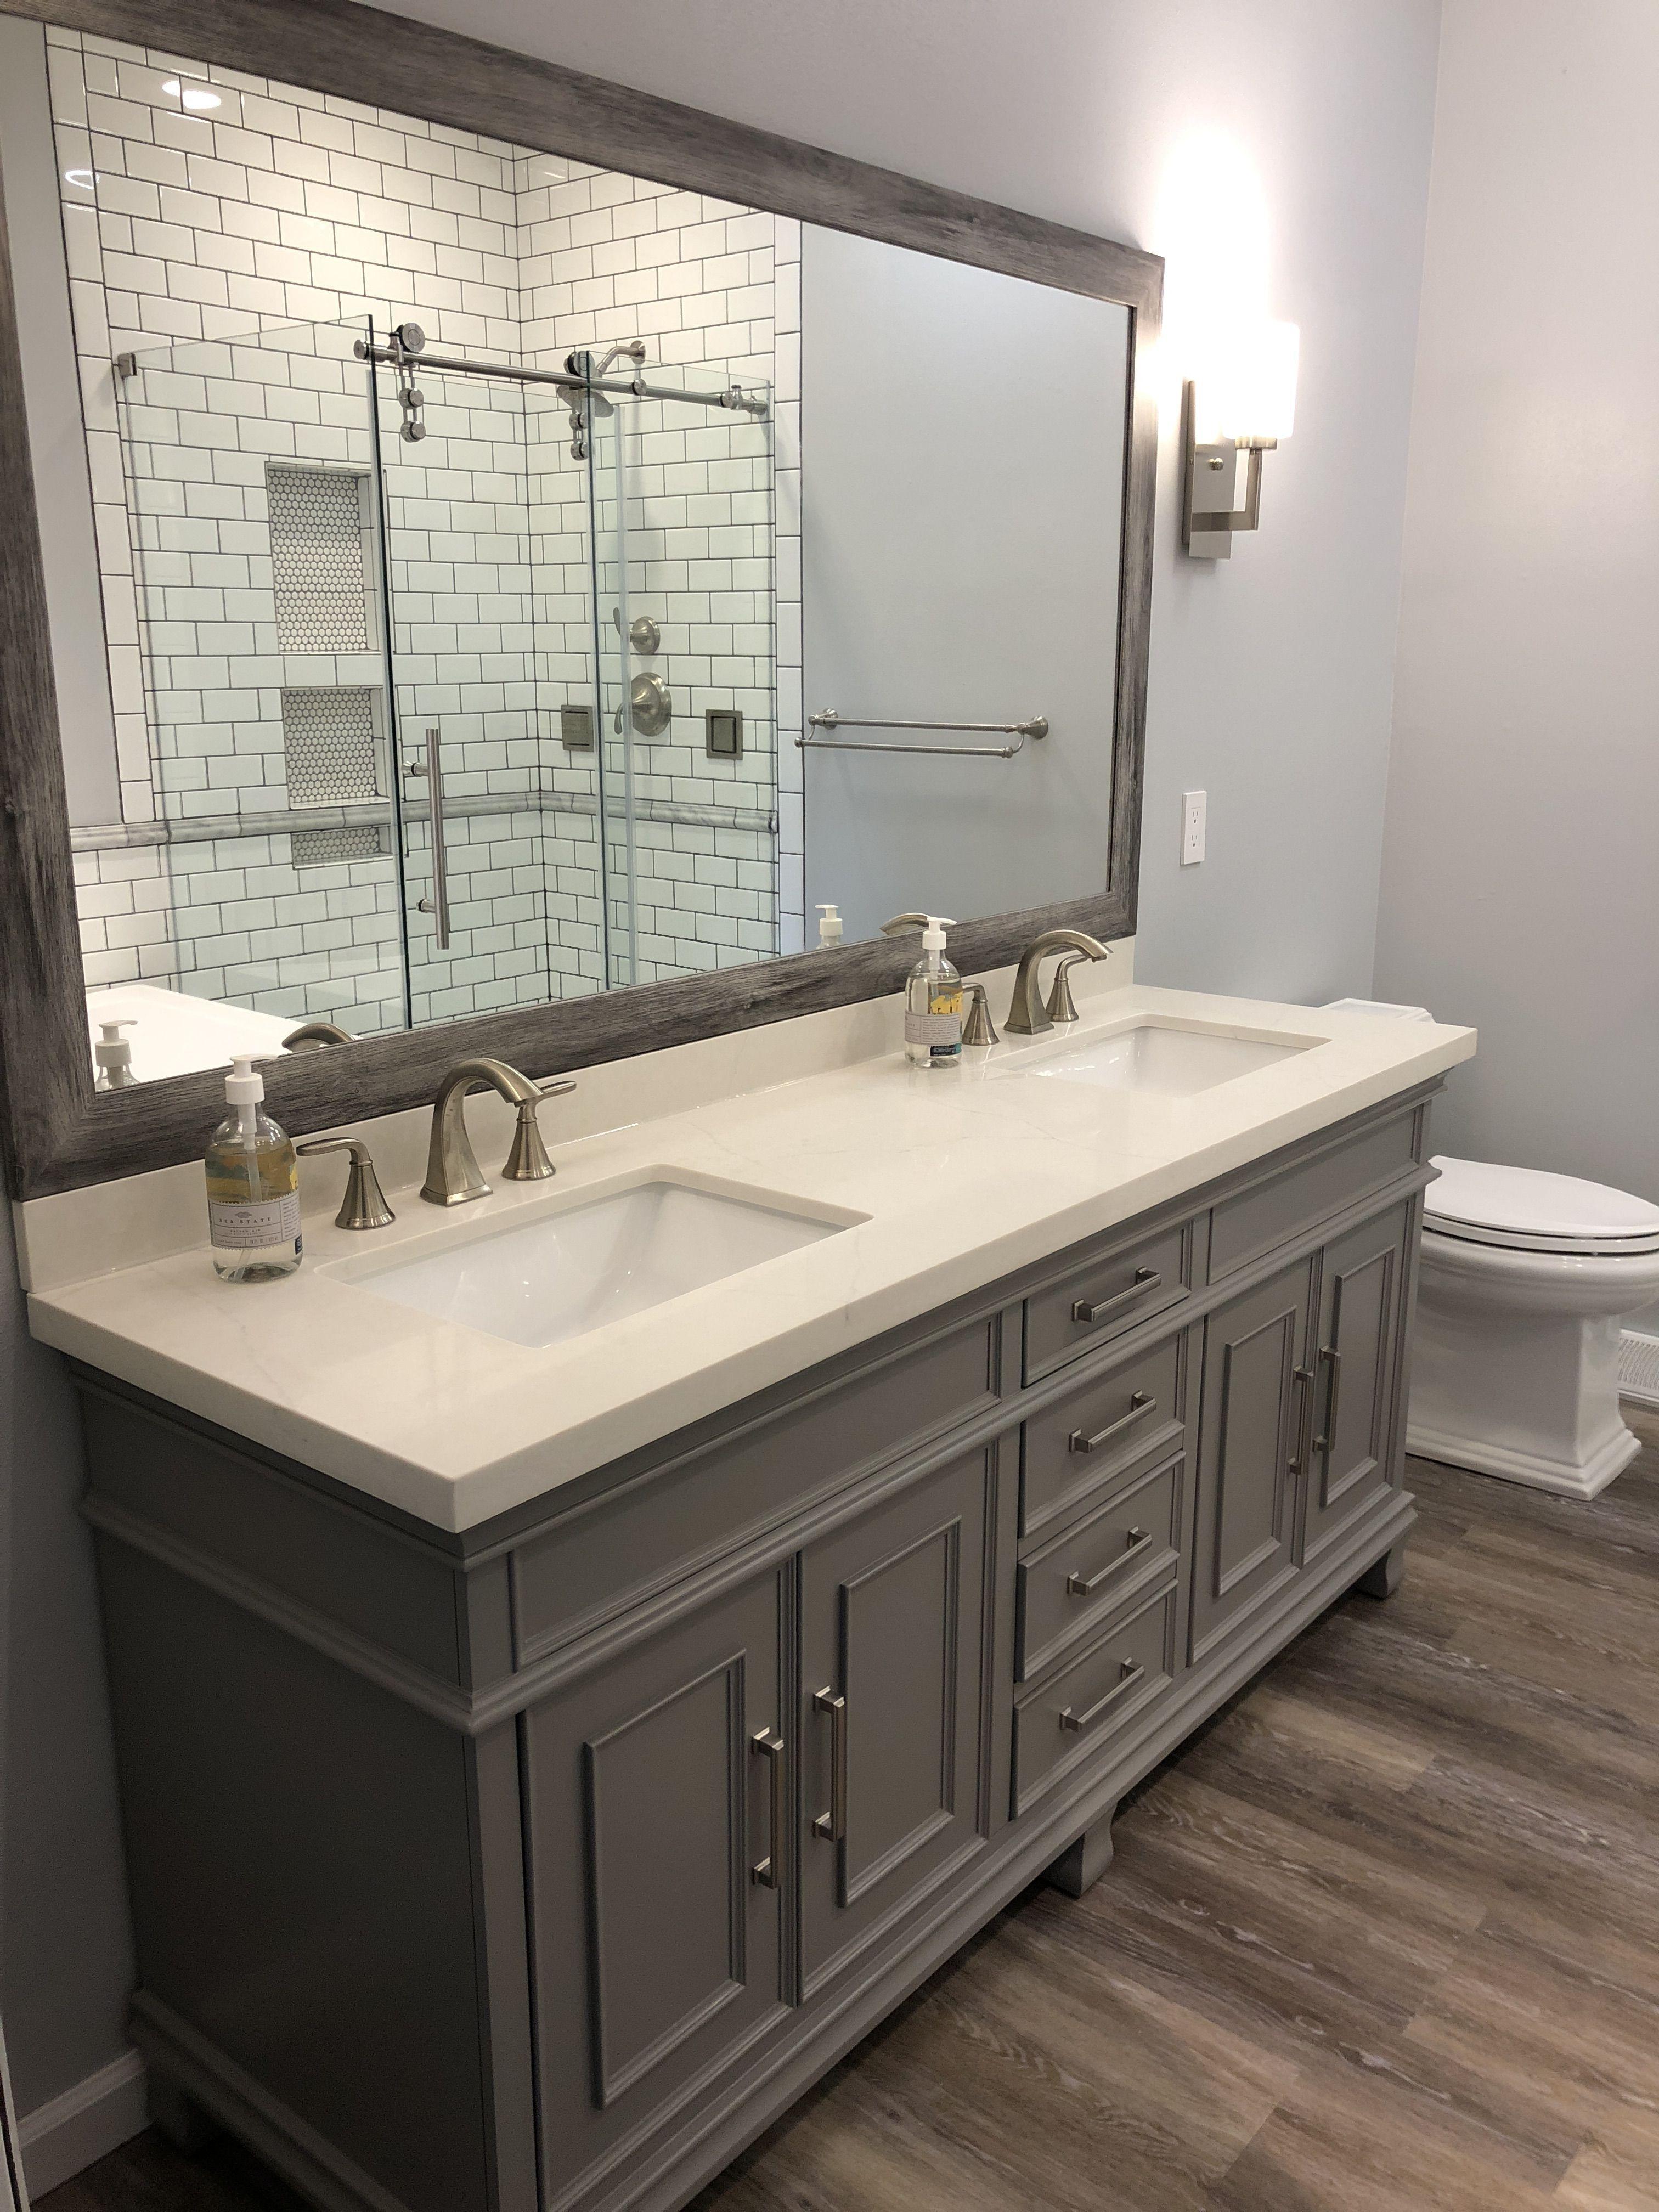 Top 10 Double Bathroom Vanity Design Ideas Double Vanity Bathroom Bathroom Vanity Designs Small Bathroom Remodel